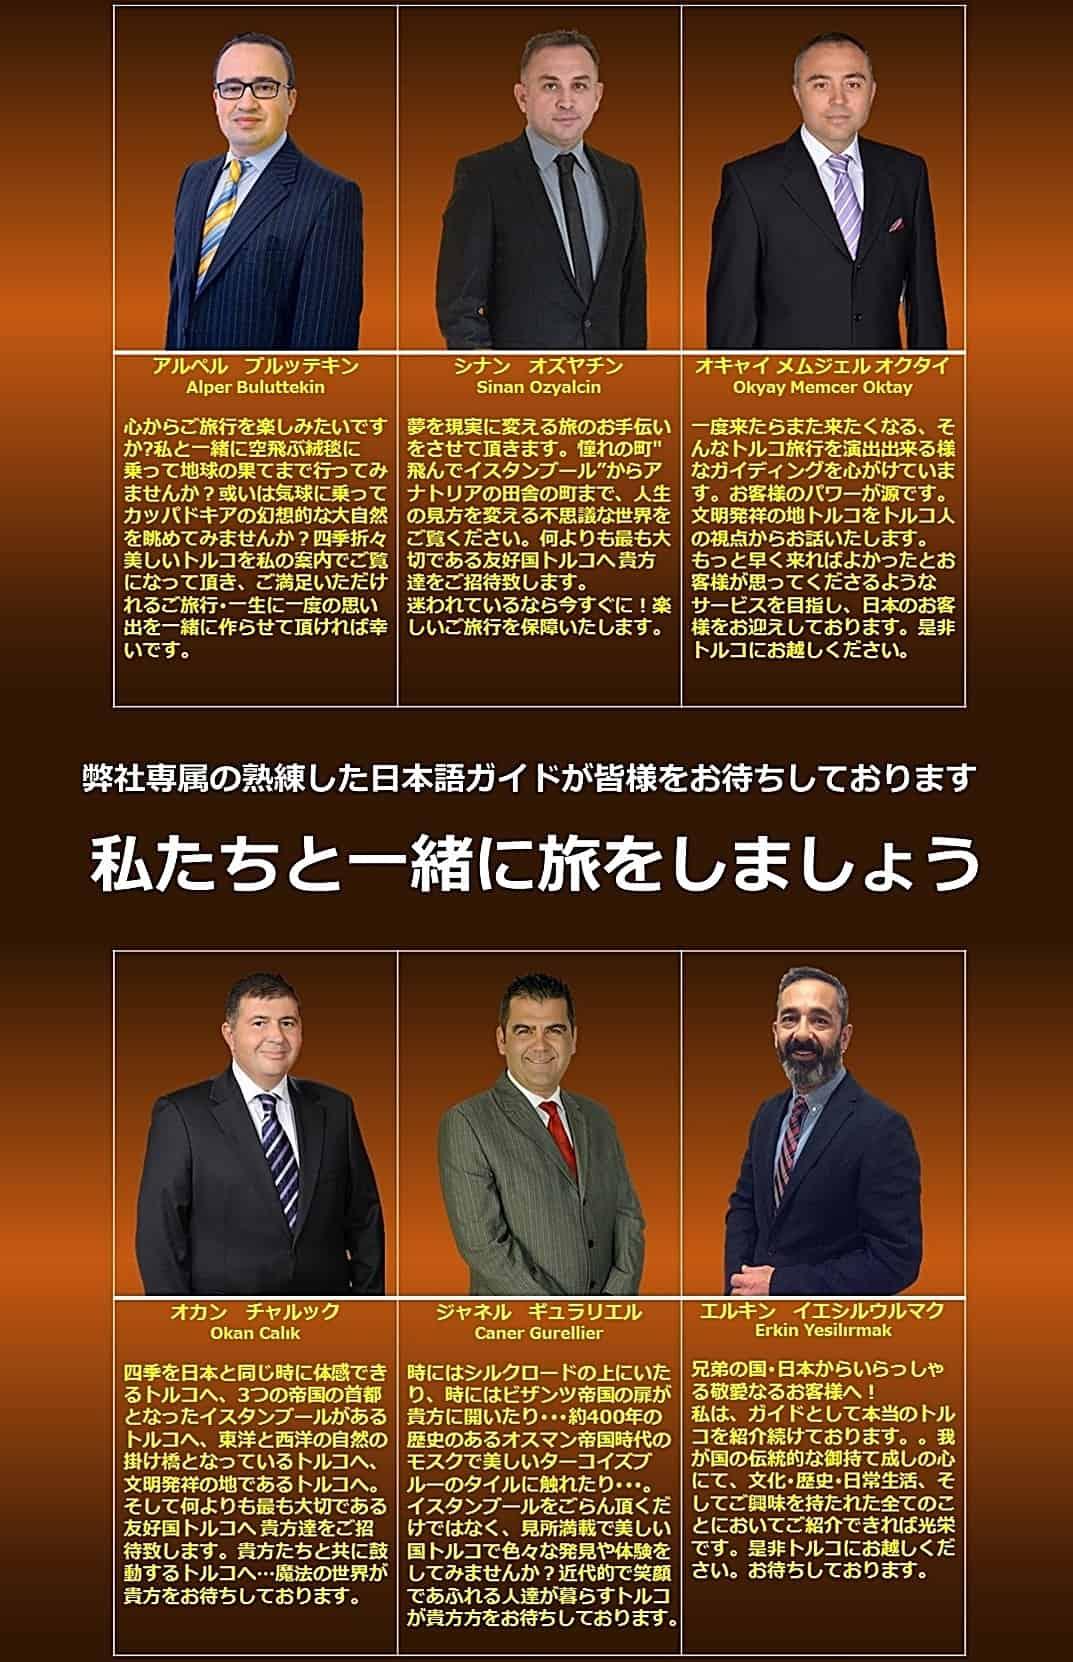 日本語ガイドをご紹介